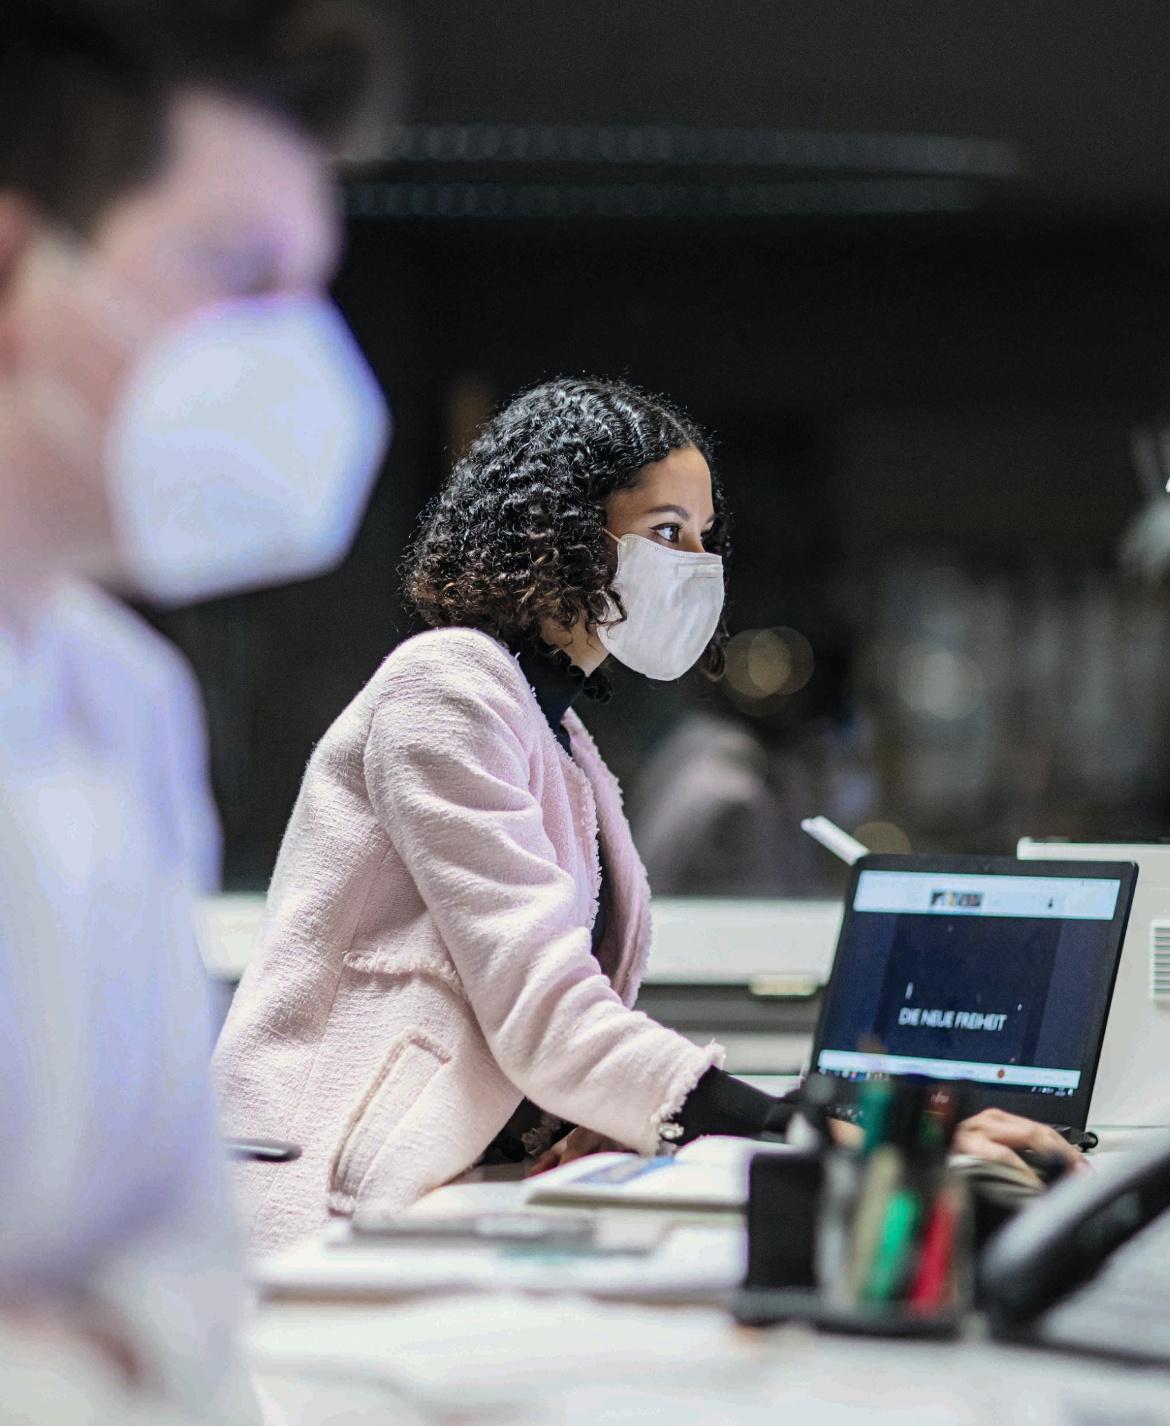 Zwei Personen arbeiten an Laptops.